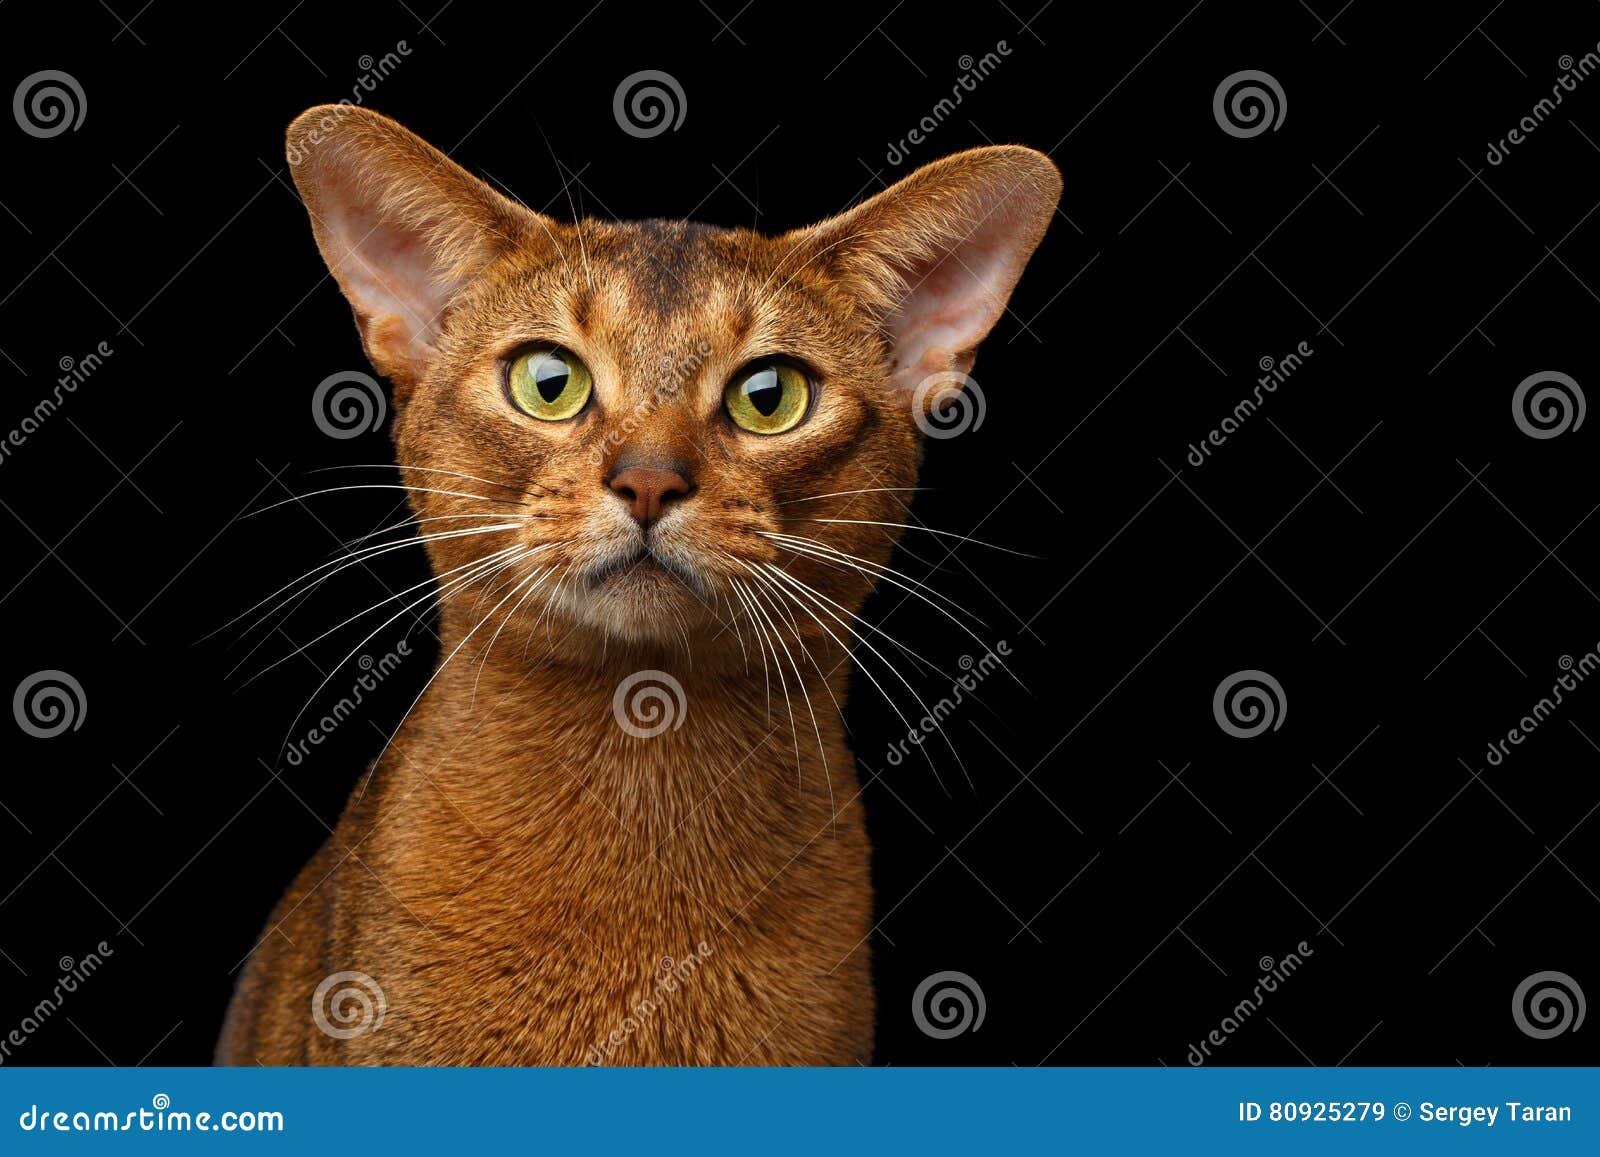 Reinrassiges abyssinisches Katzenporträt der Nahaufnahme lokalisiert auf schwarzem Hintergrund